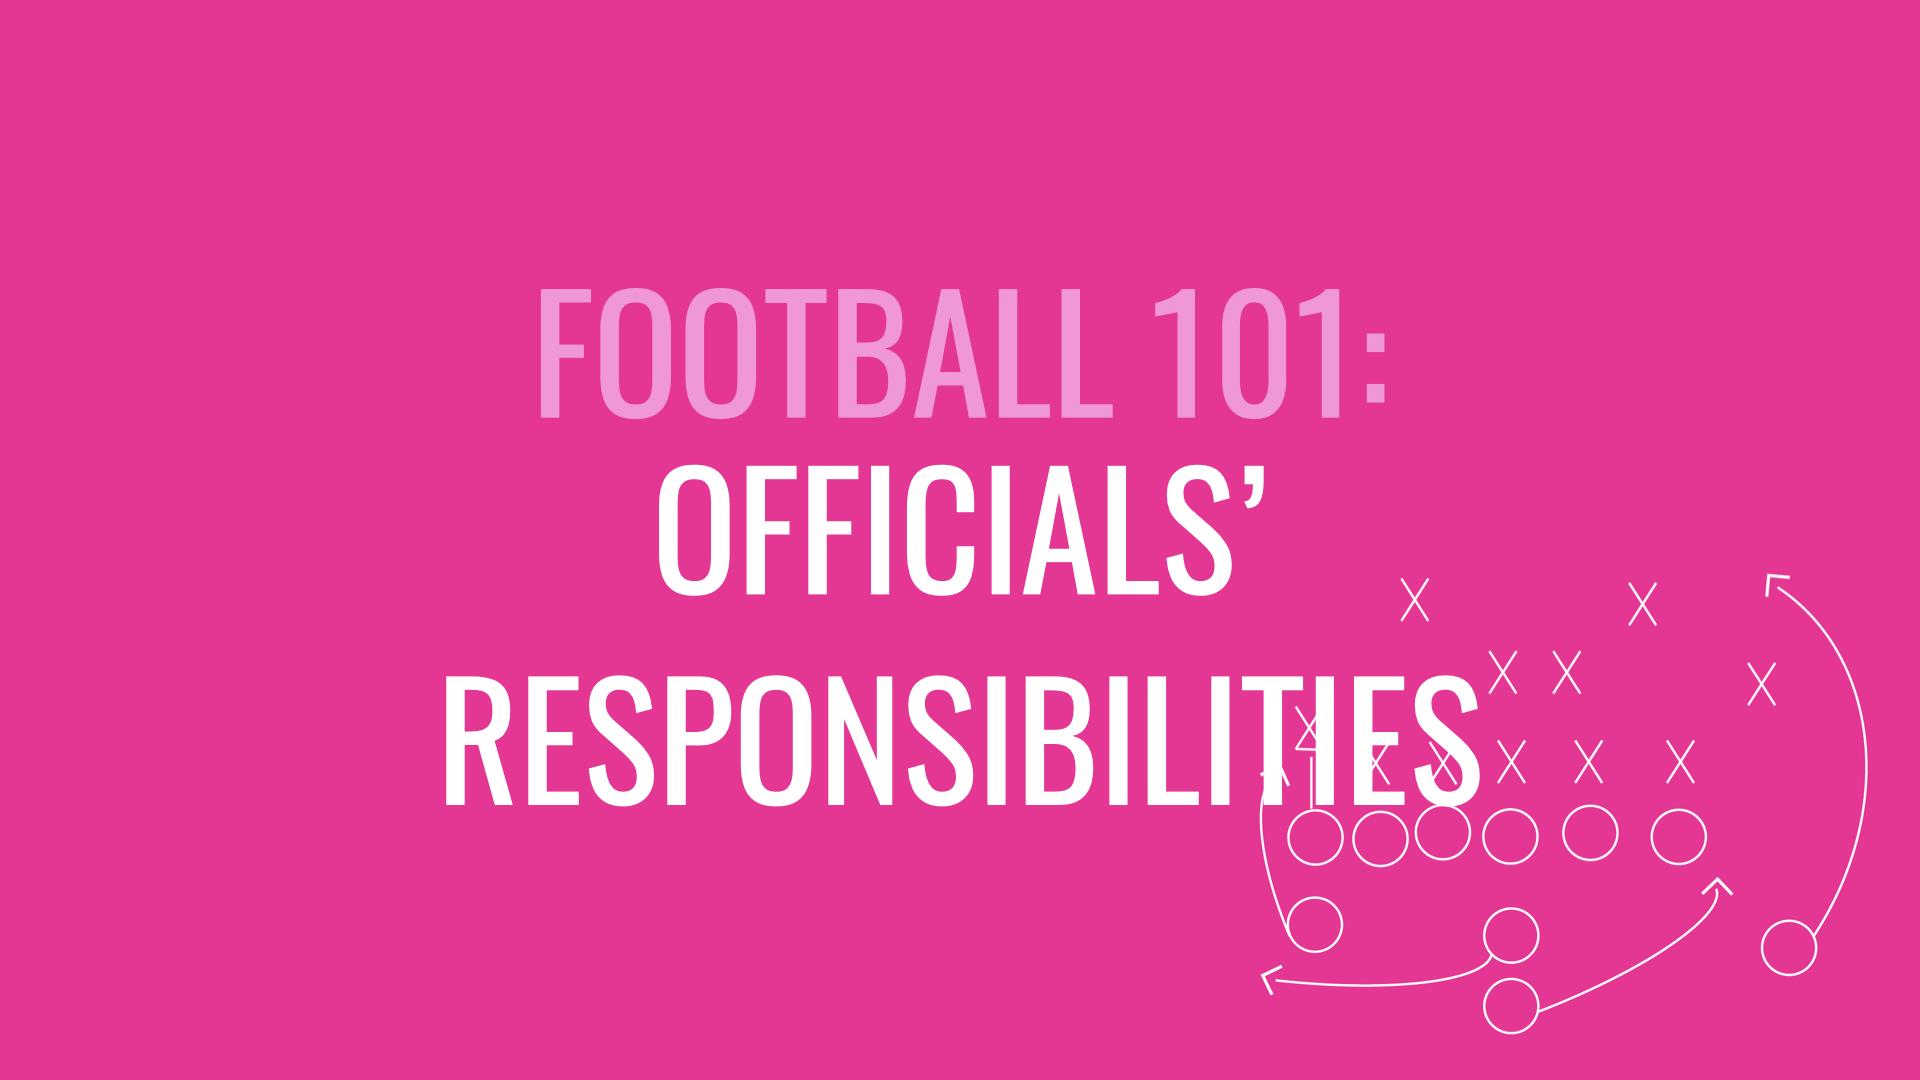 Officials' responsibilities